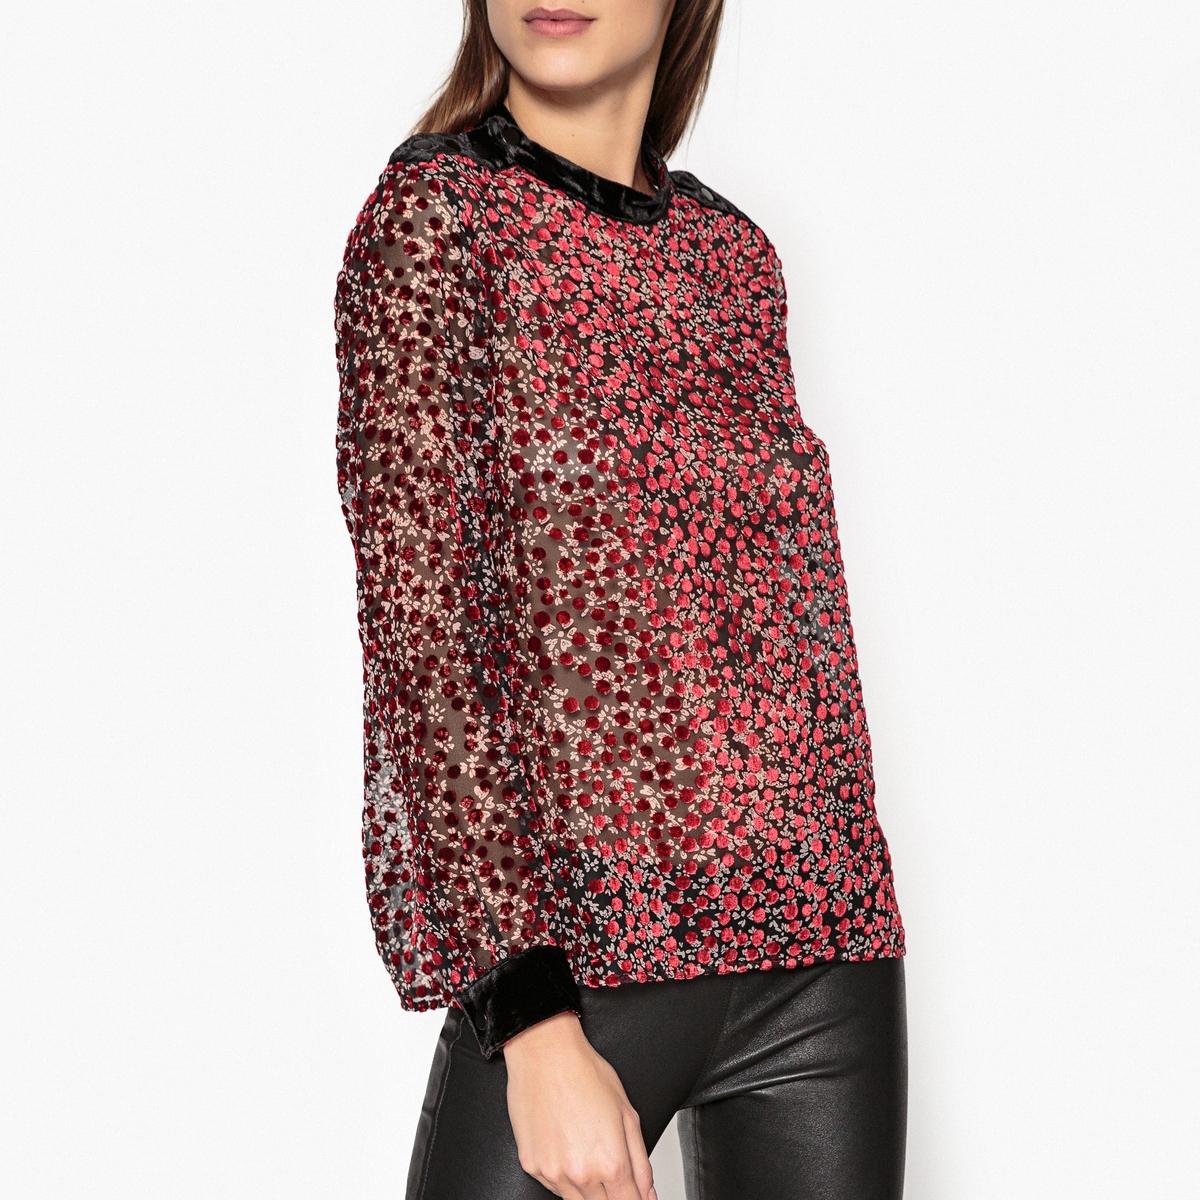 Блузка с круглым вырезом, рисунком и длинными рукавами